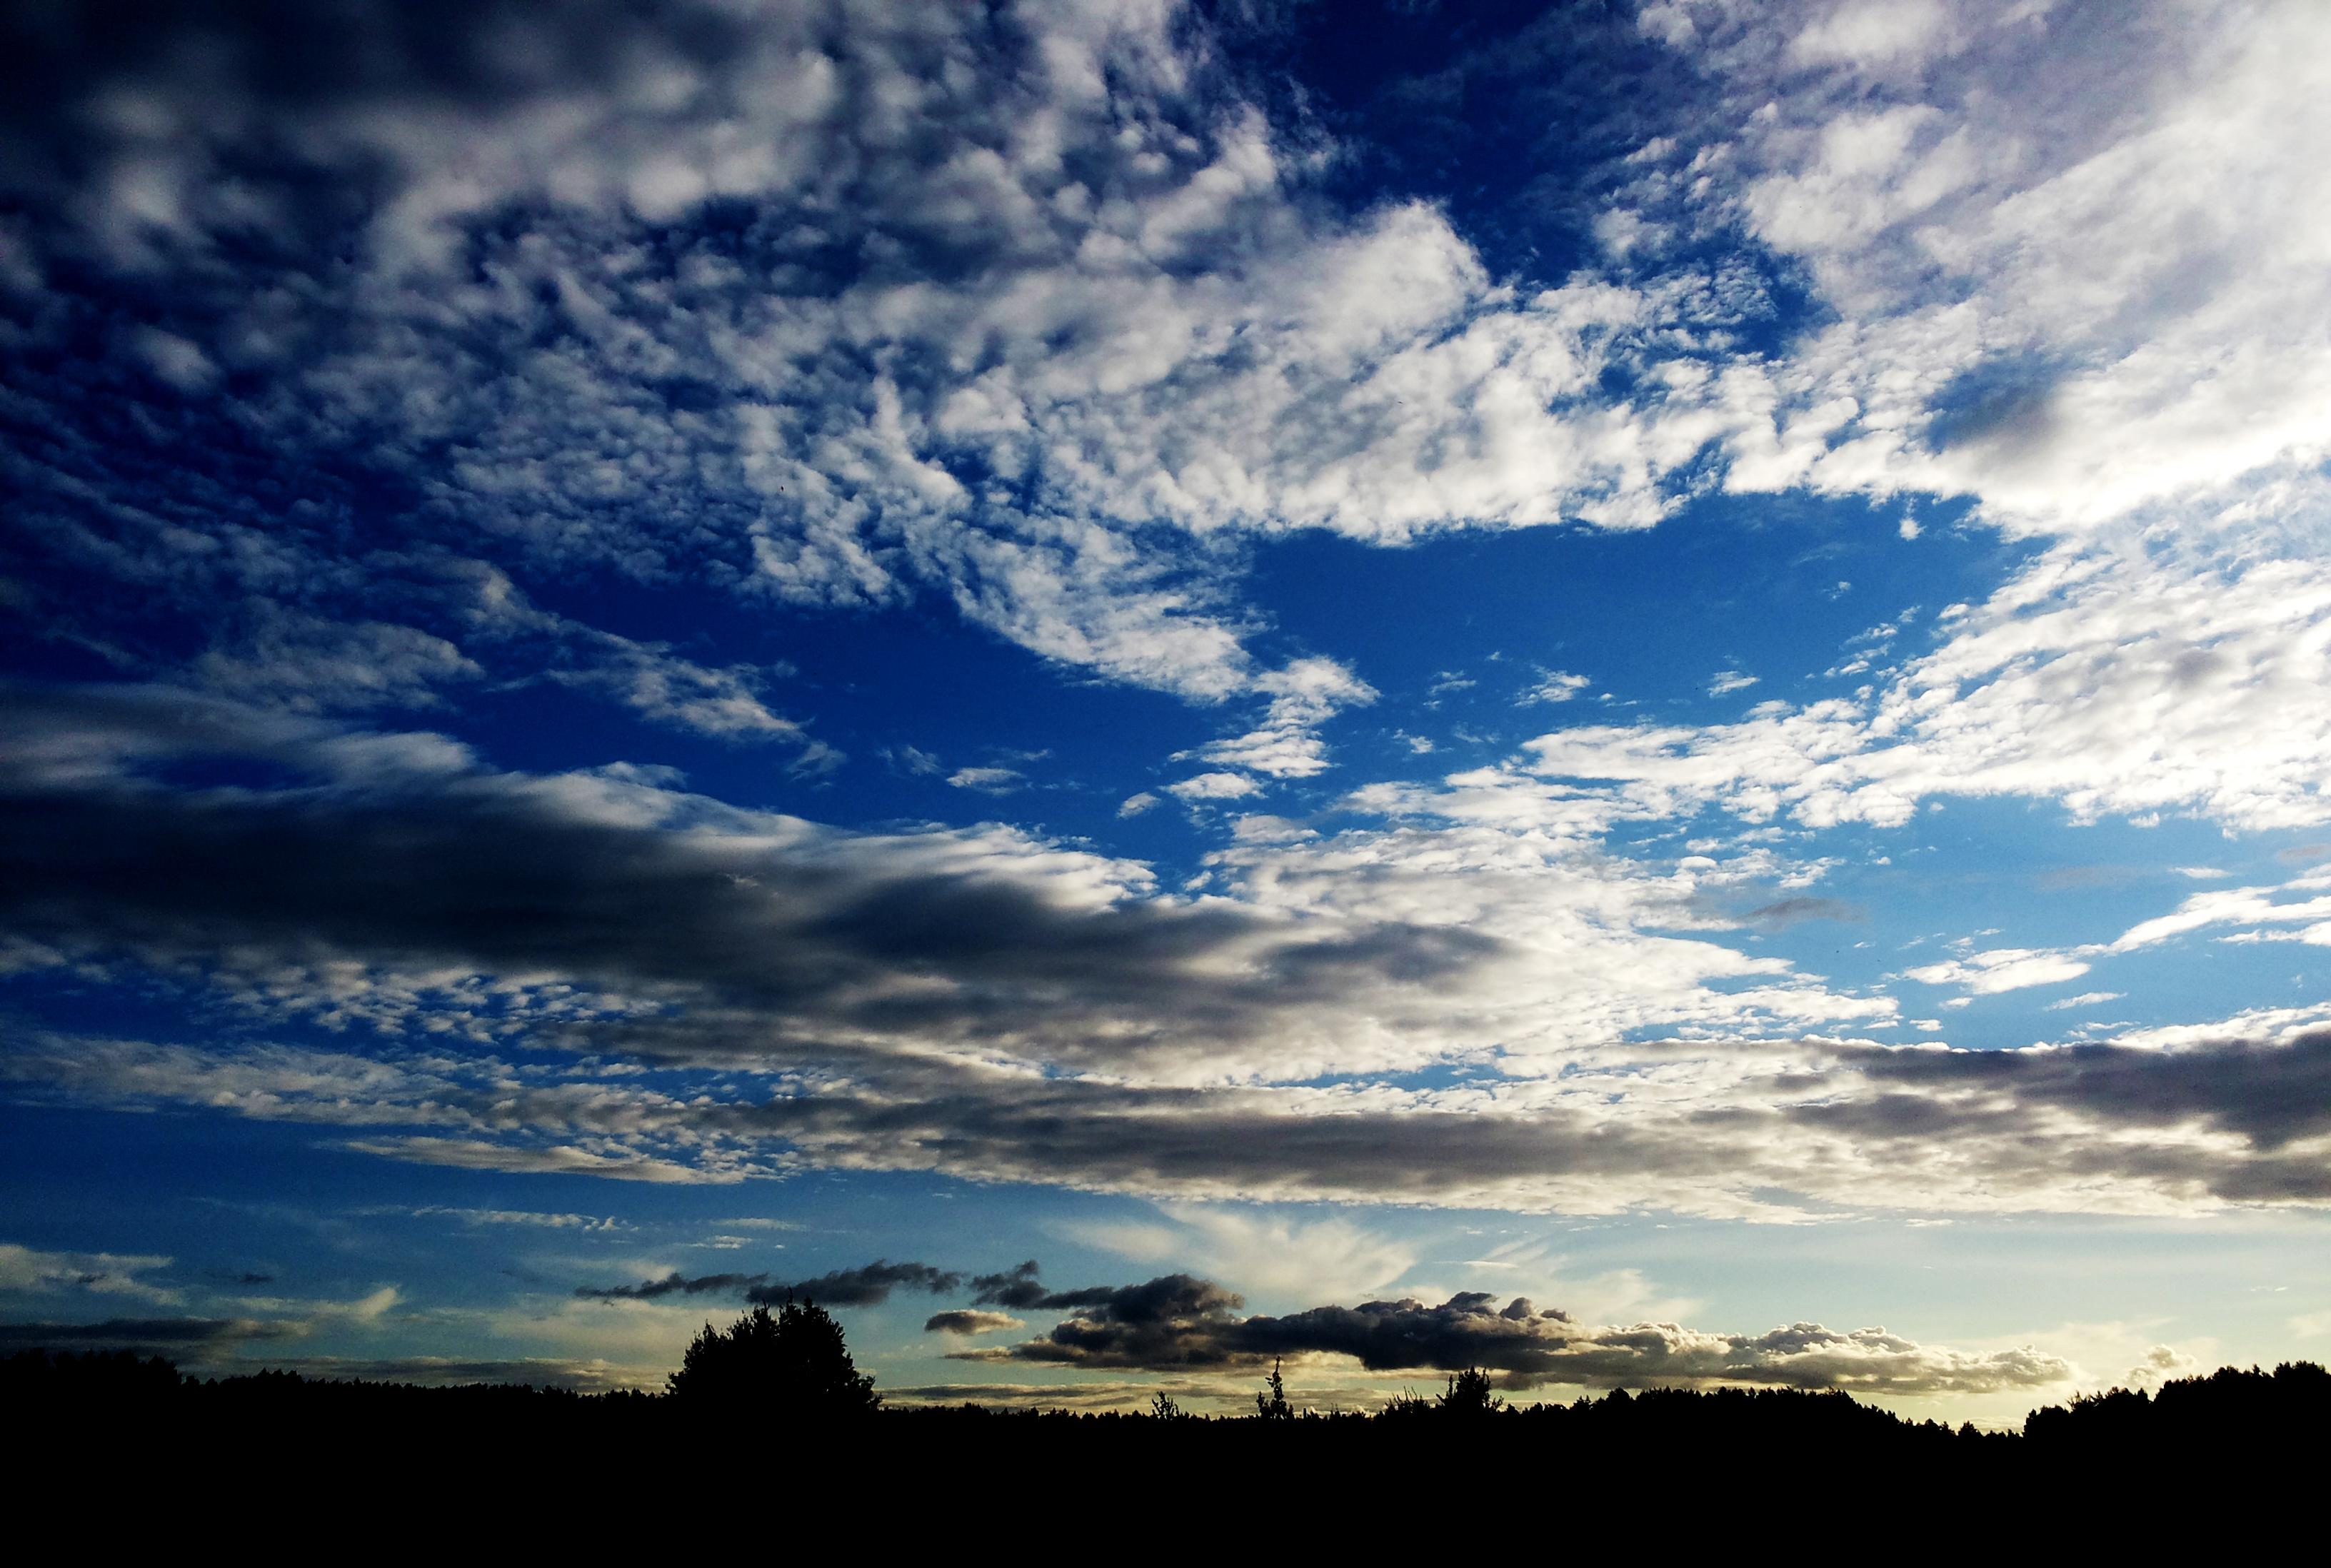 фото неба красивого чтобы твои глаза